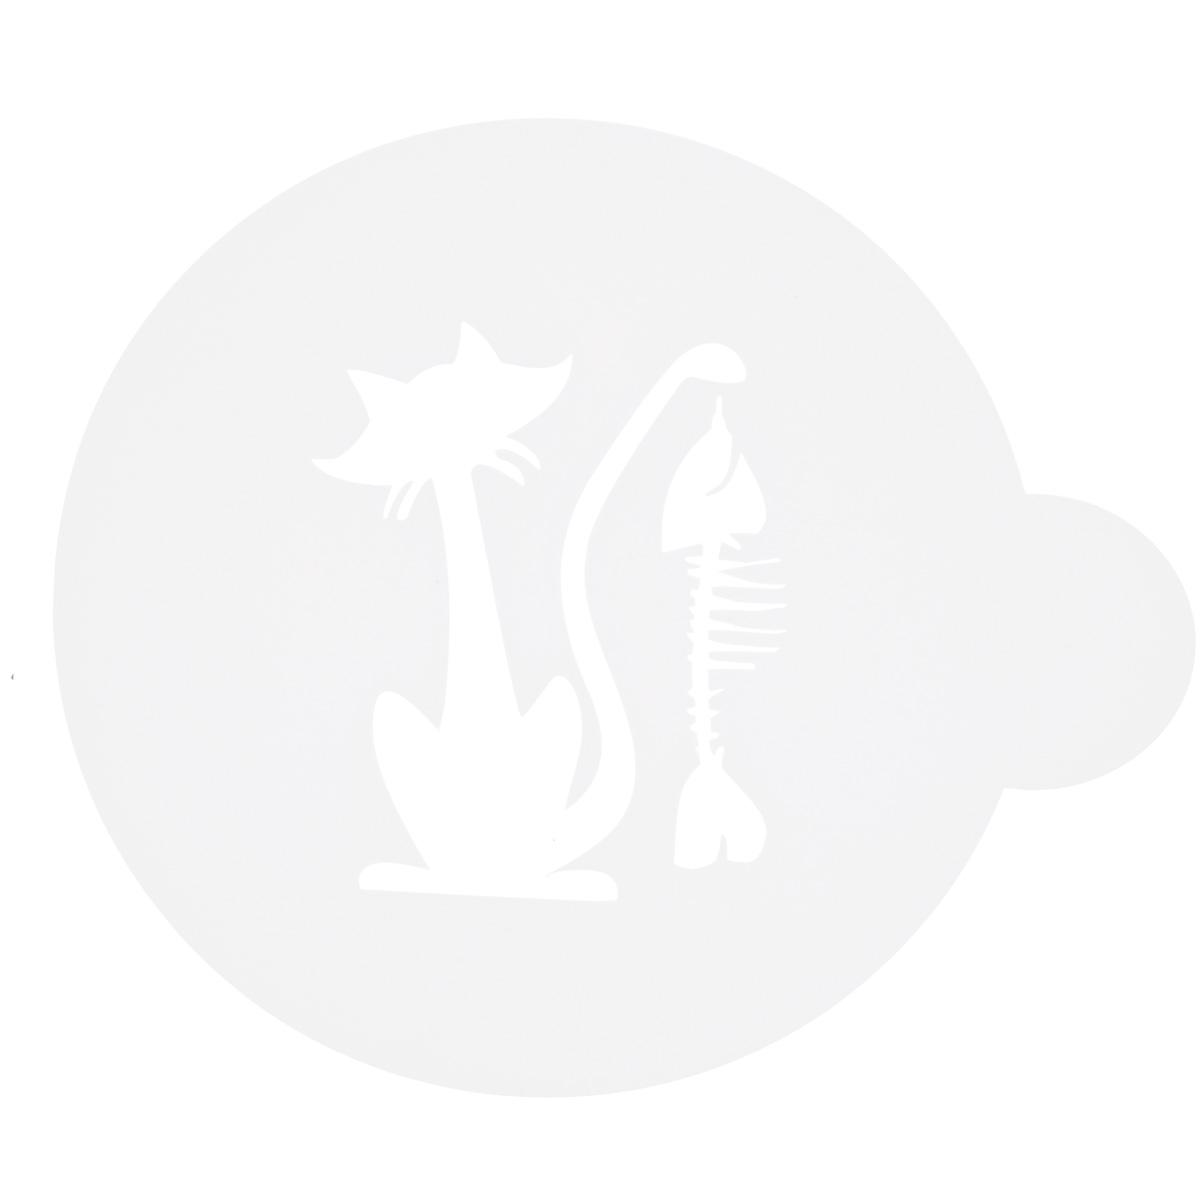 Трафарет на кофе и десерты Леденцовая фабрика Кошка с рыбой, диаметр 10 см трафарет на кофе и десерты леденцовая фабрика кошка с рыбой диаметр 10 см